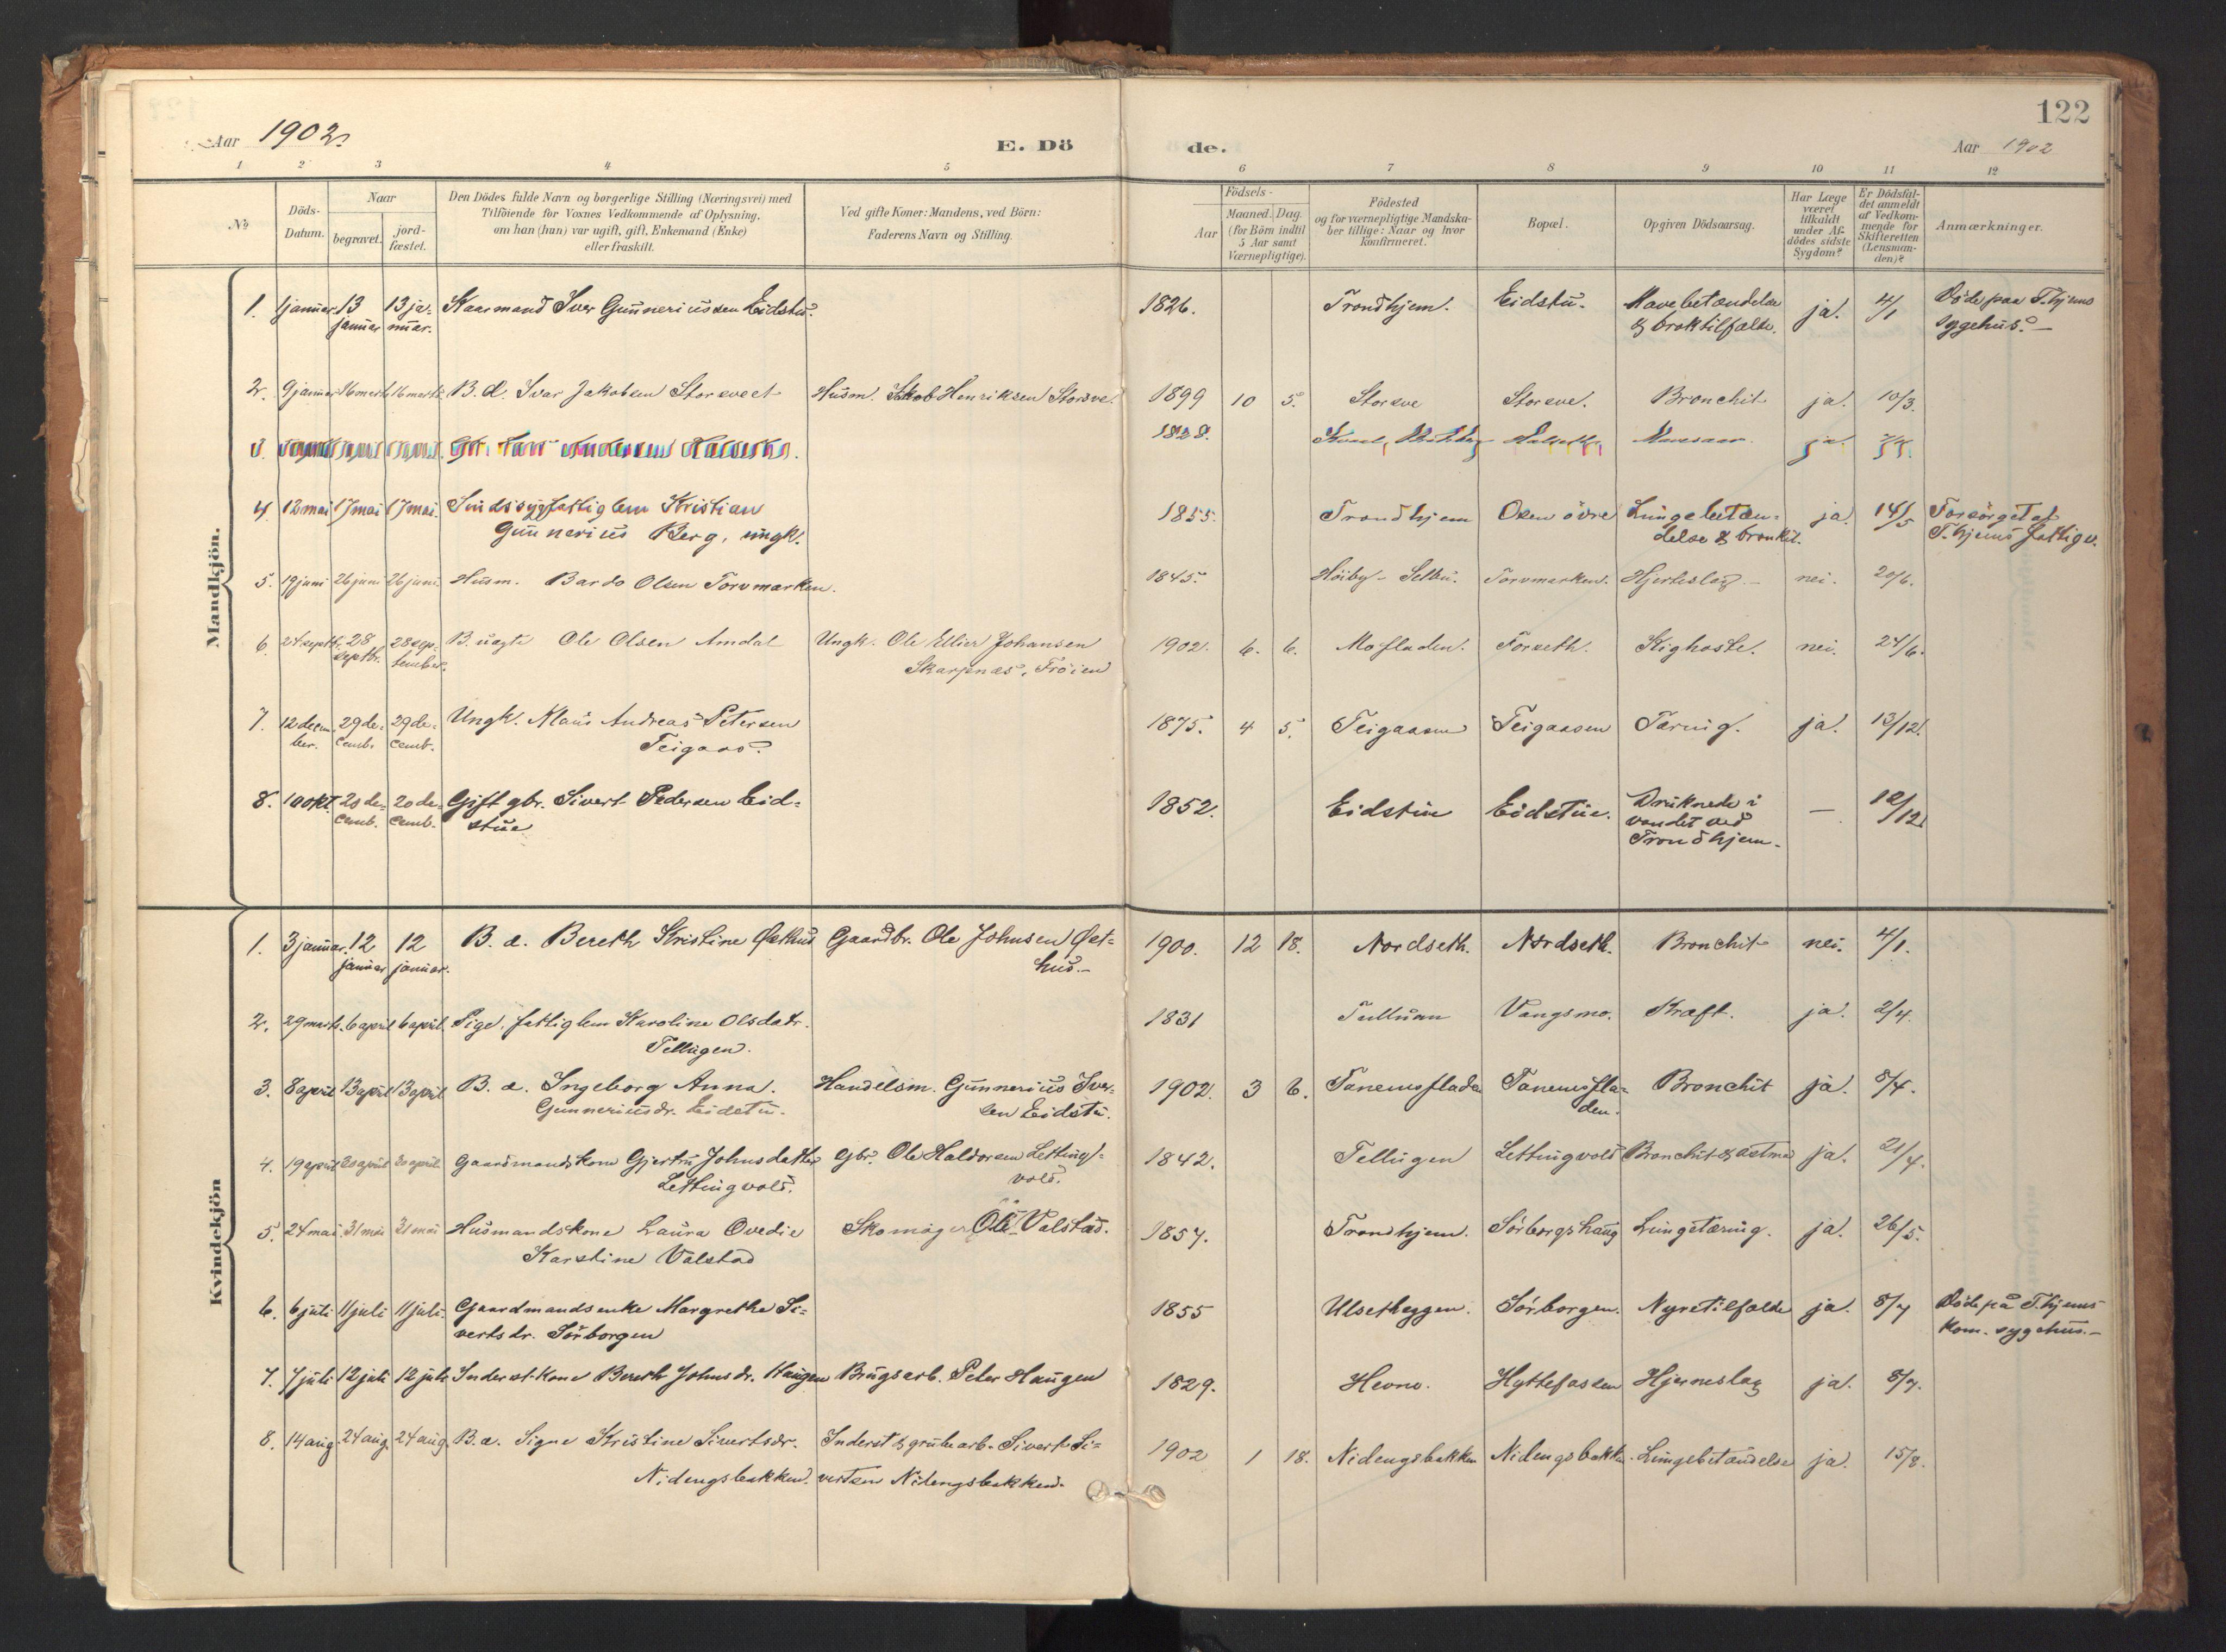 SAT, Ministerialprotokoller, klokkerbøker og fødselsregistre - Sør-Trøndelag, 618/L0448: Ministerialbok nr. 618A11, 1898-1916, s. 122